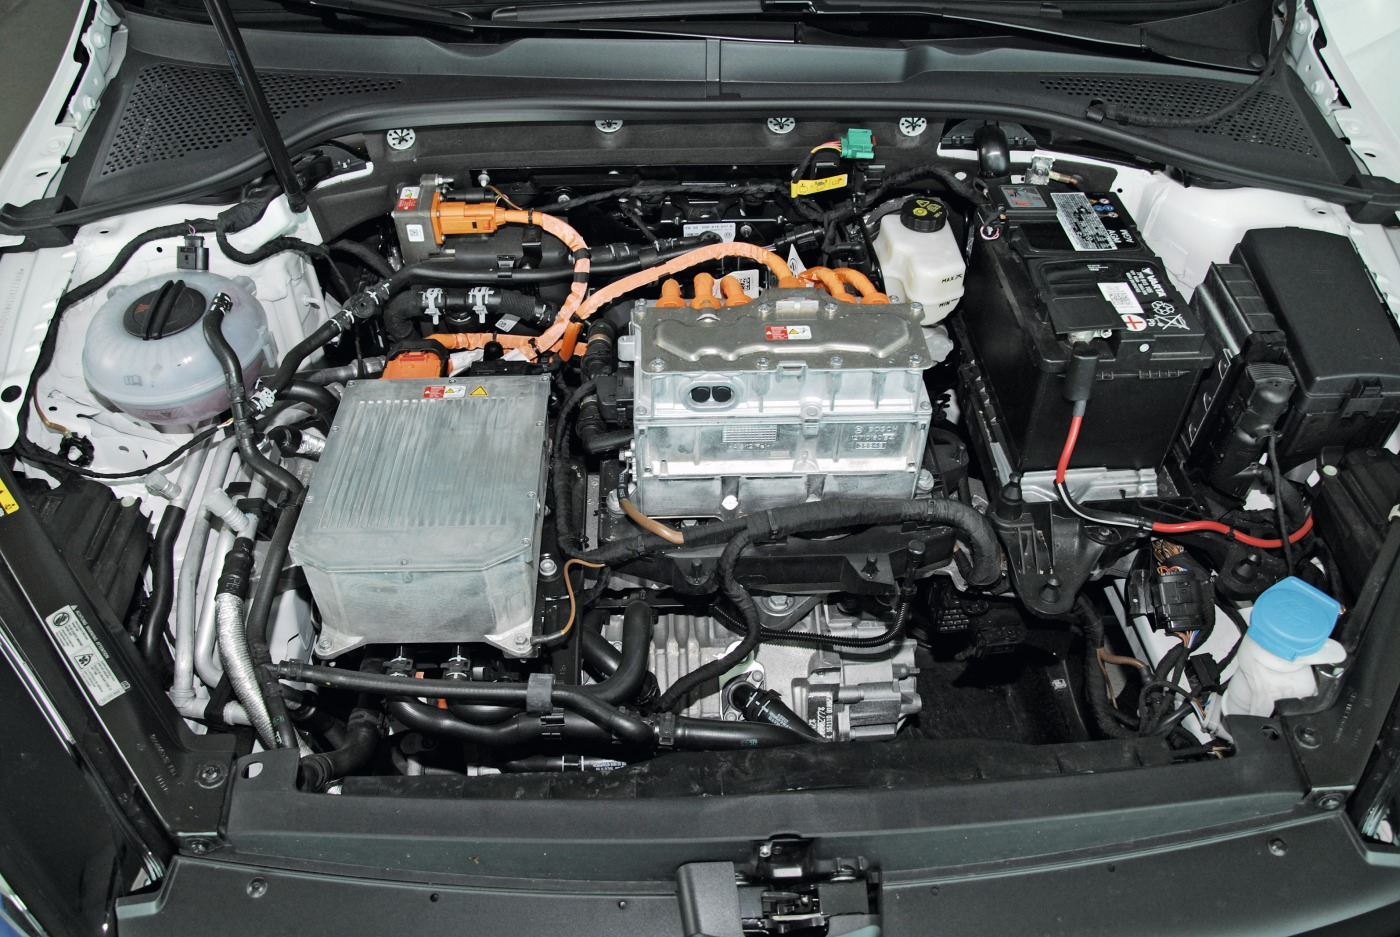 Motorraum eines Elektro-Autos